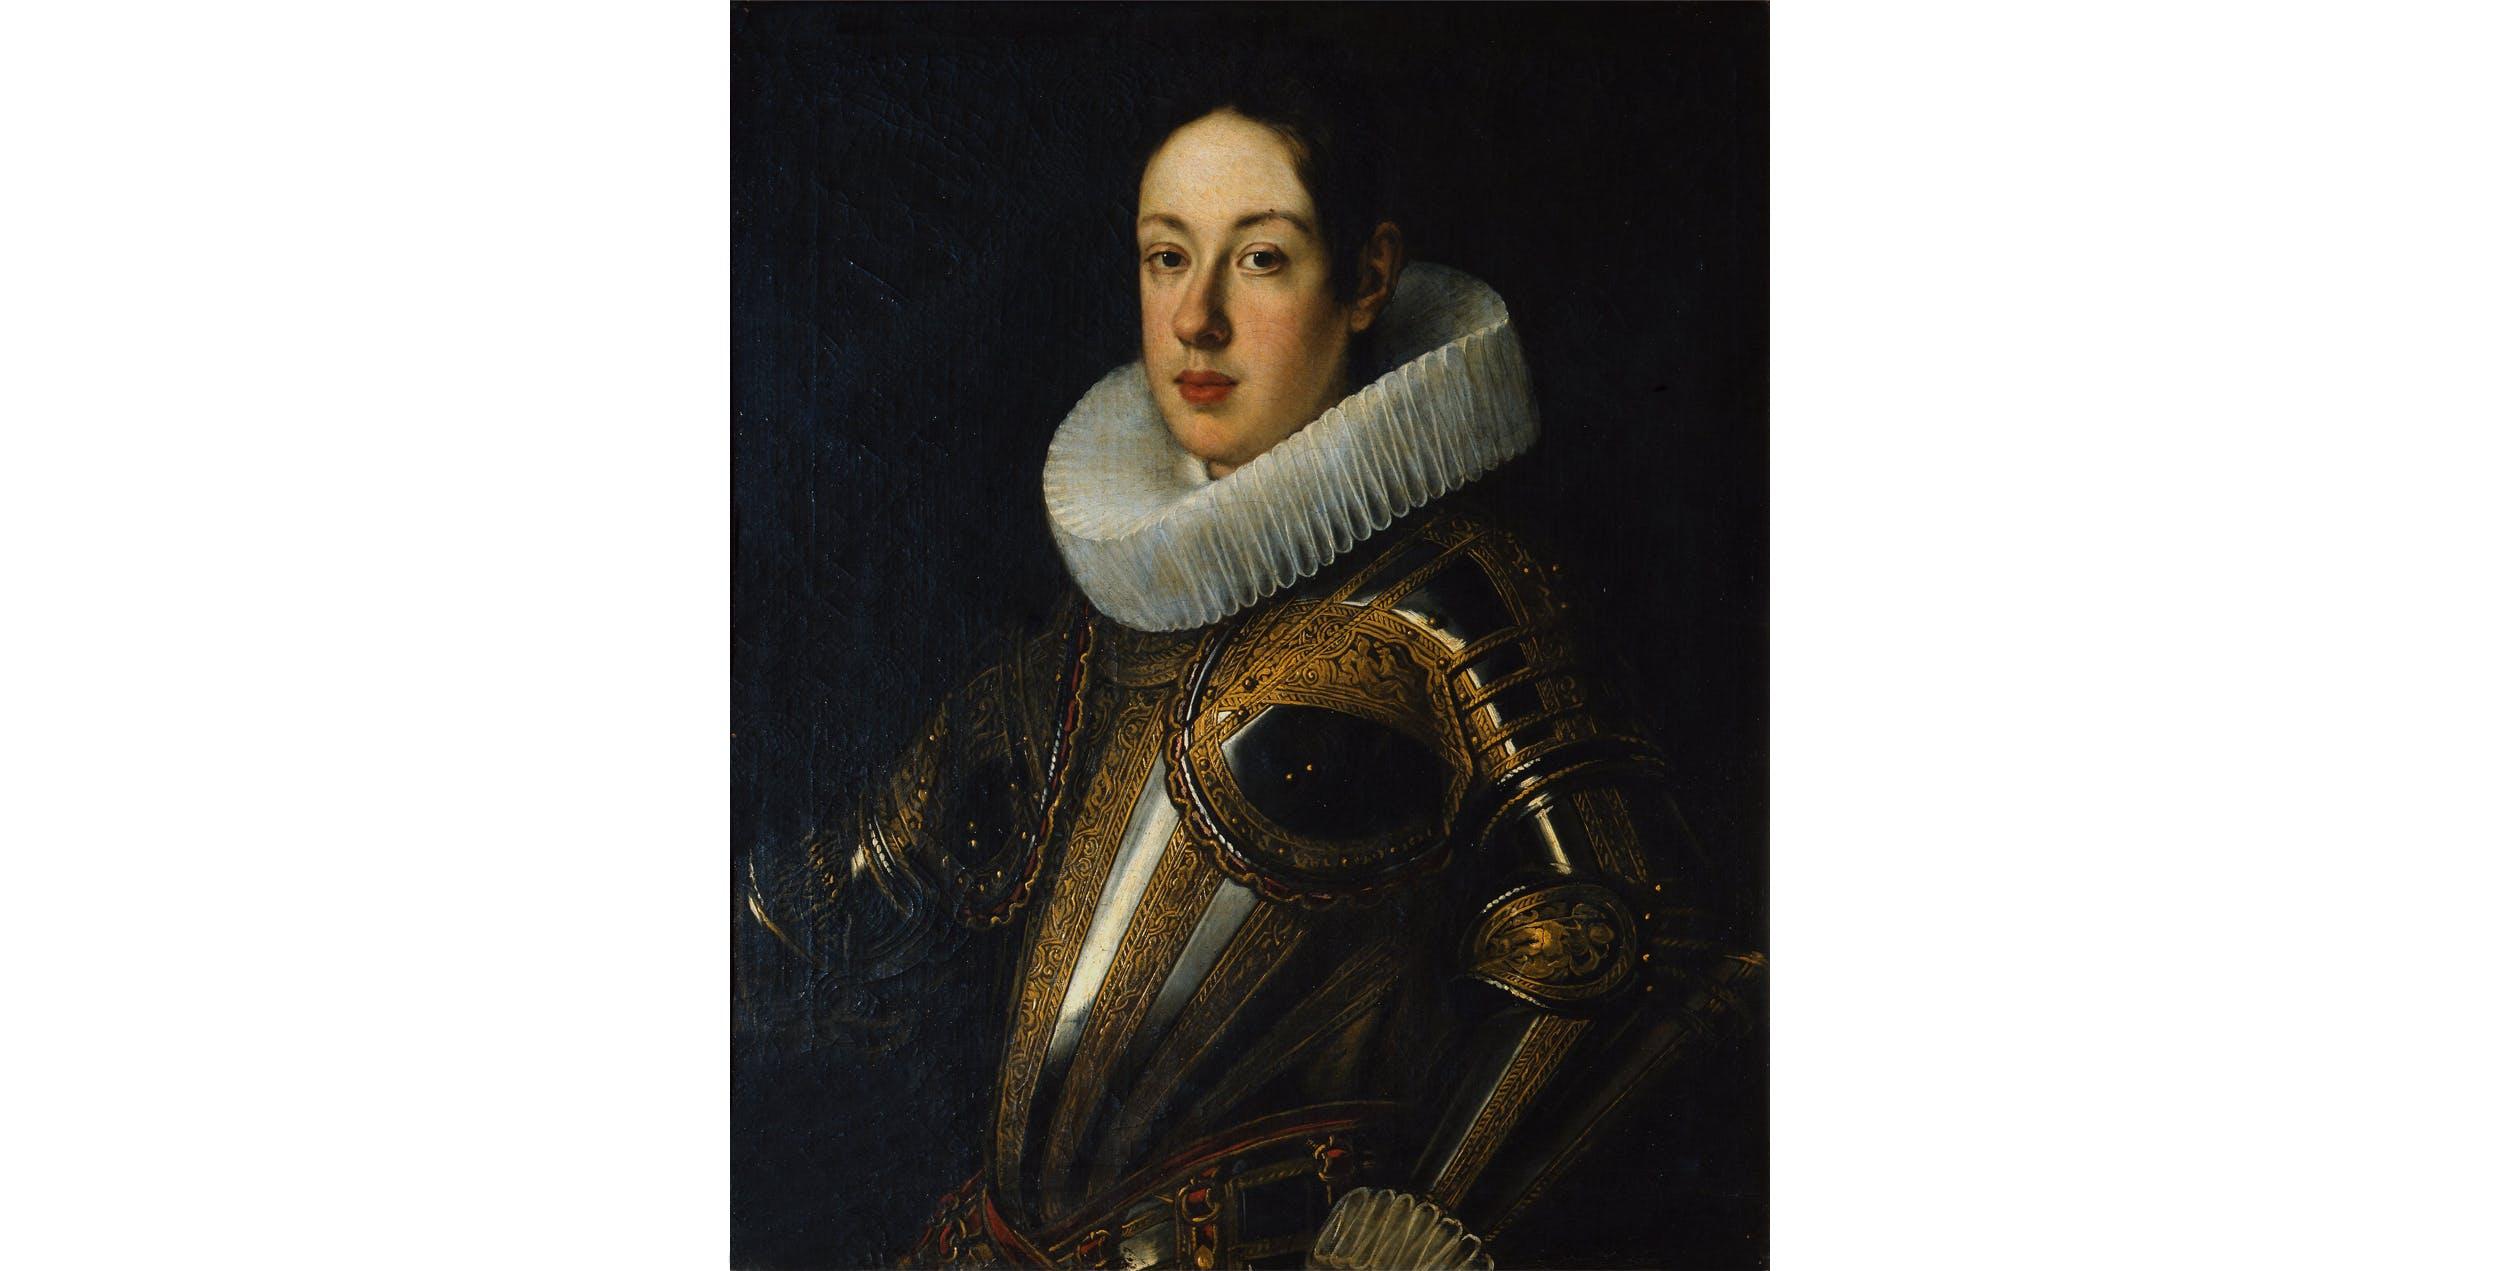 J. Suttermans, Ritratto di Ferdinando II con l'armatura